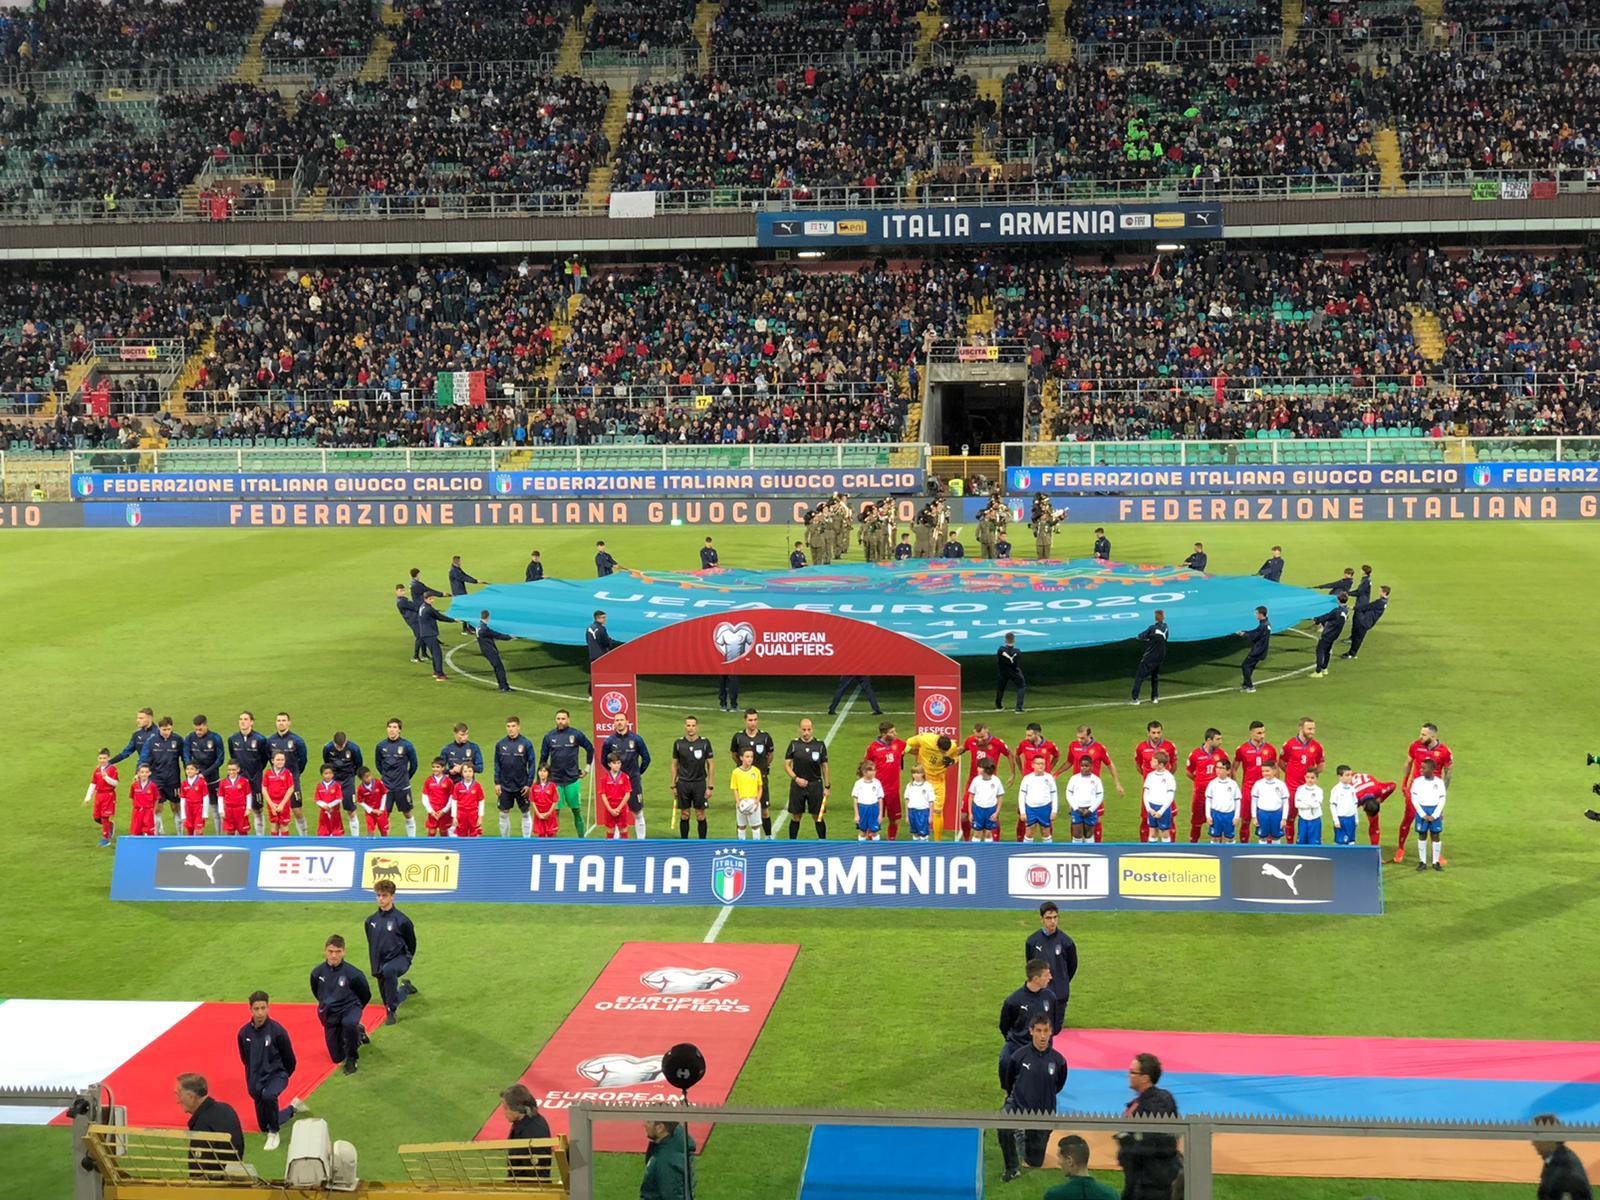 """Una bella festa, in tutti i sensi. L'Italia è tornata a giocare al """"Renzo Barbera"""" di Palermo e ha regalato ai circa 27 mila tifosi una serata entusiasmante, con una goleada contro la debolissima Armenia. Palermo conferma di amare l'Italia, l'Italia conferma di amare Palermo, roccaforte di affetto e di belle sensazioni. E i nove gol sembrano quasi un regalo a un pubblico che ha affollato lo stadio nonostante fosse una partita… amichevole, senza motivazioni di classifica. Ma di fronte alla più generosa Italia degli ultimi tempi Palermo ha saputo ricambiare. Le novereti dimostrano il cambio di mentalità degli azzurri,"""